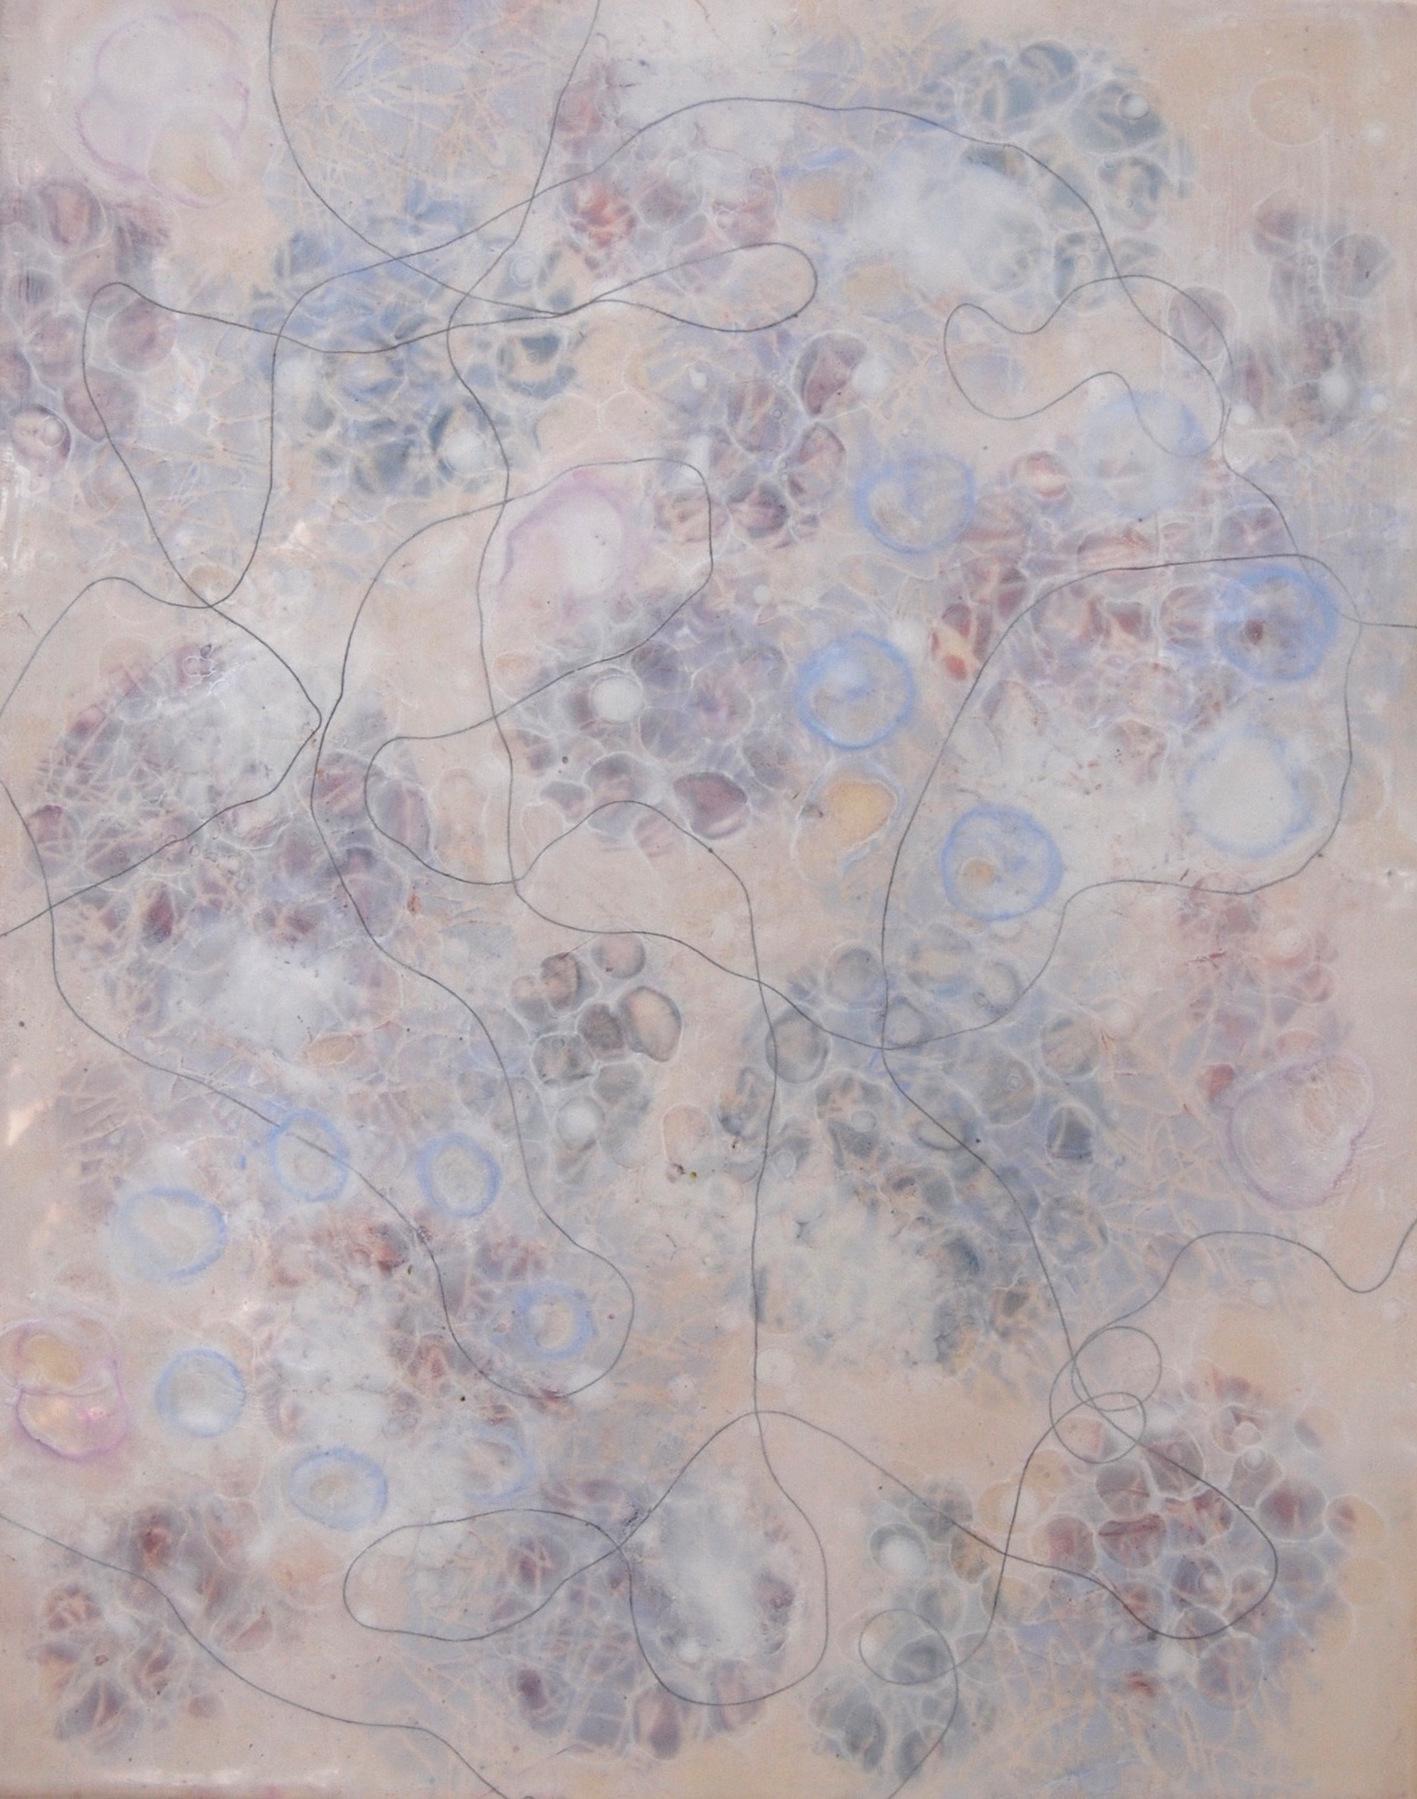 K. Hartung,  Bio Shadows 4 , encaustic and mixed media, 20x16